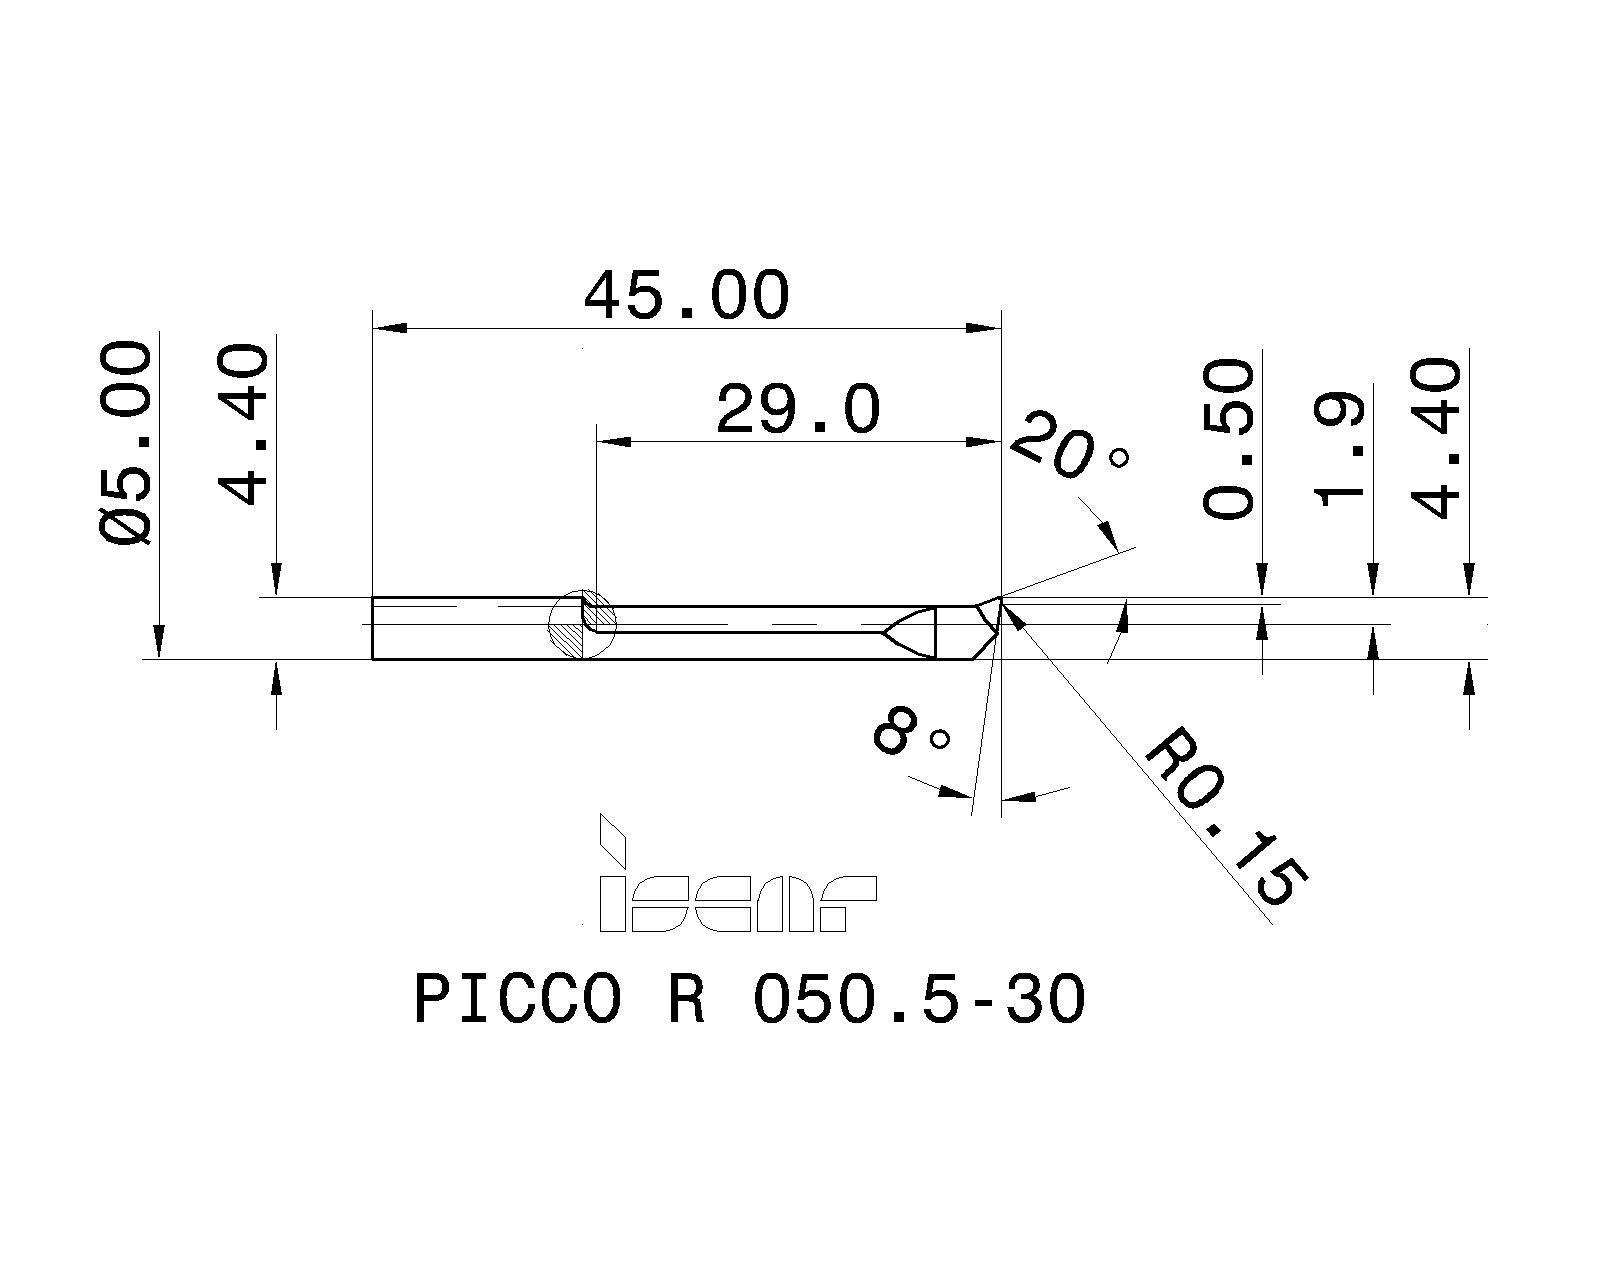 PICCO R 050.5-10 IC228 ISCAR